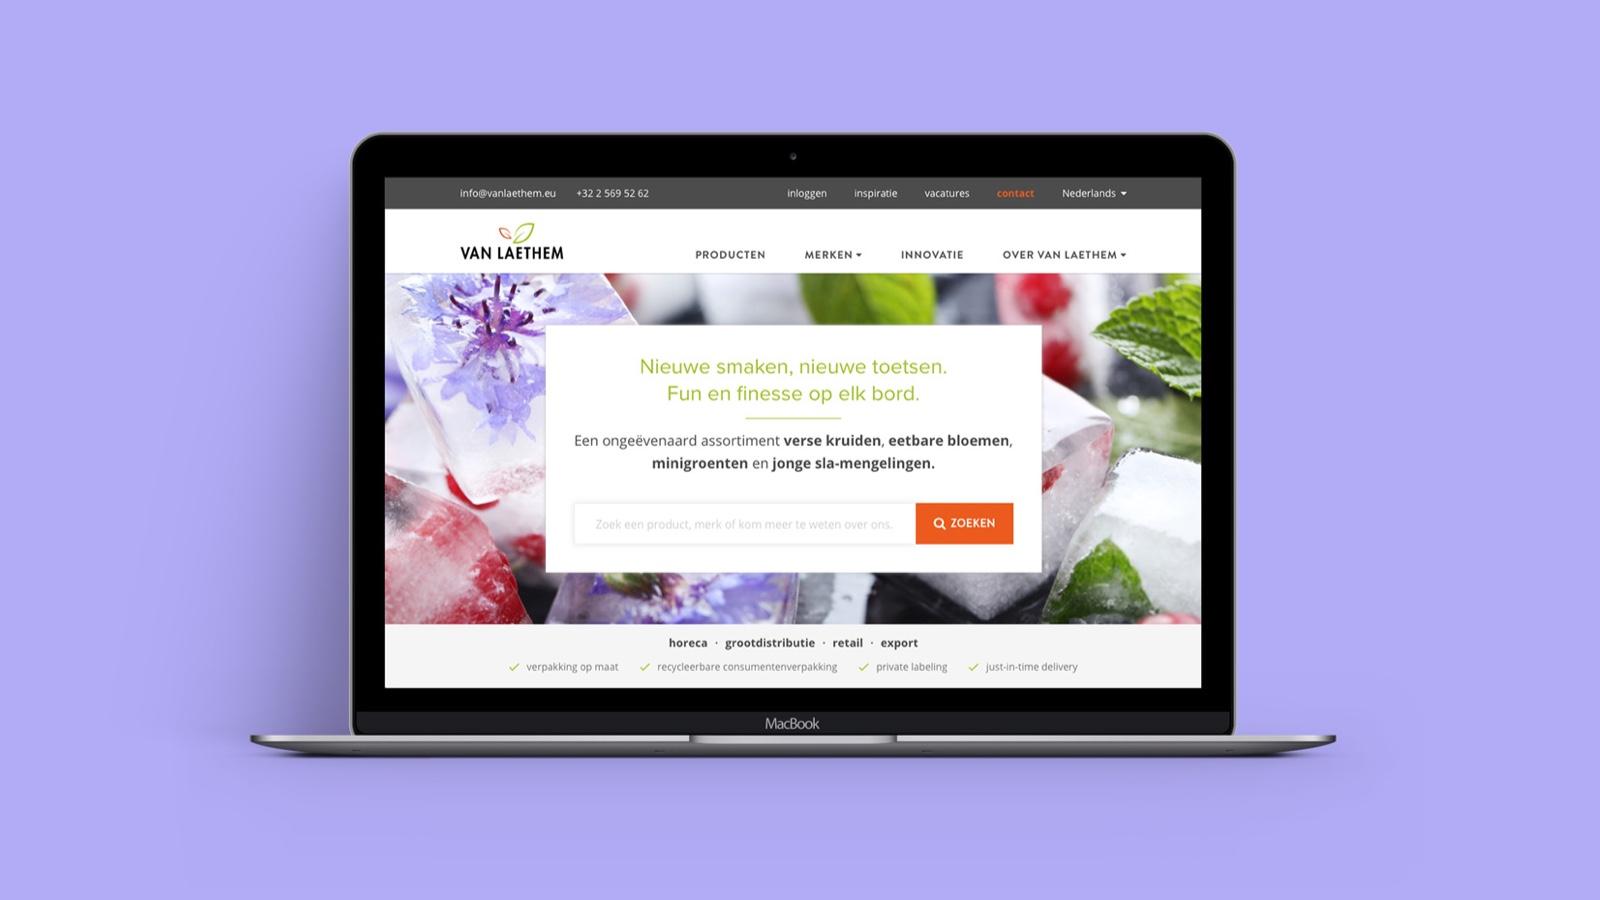 De website van Van Laethem op een Macbook